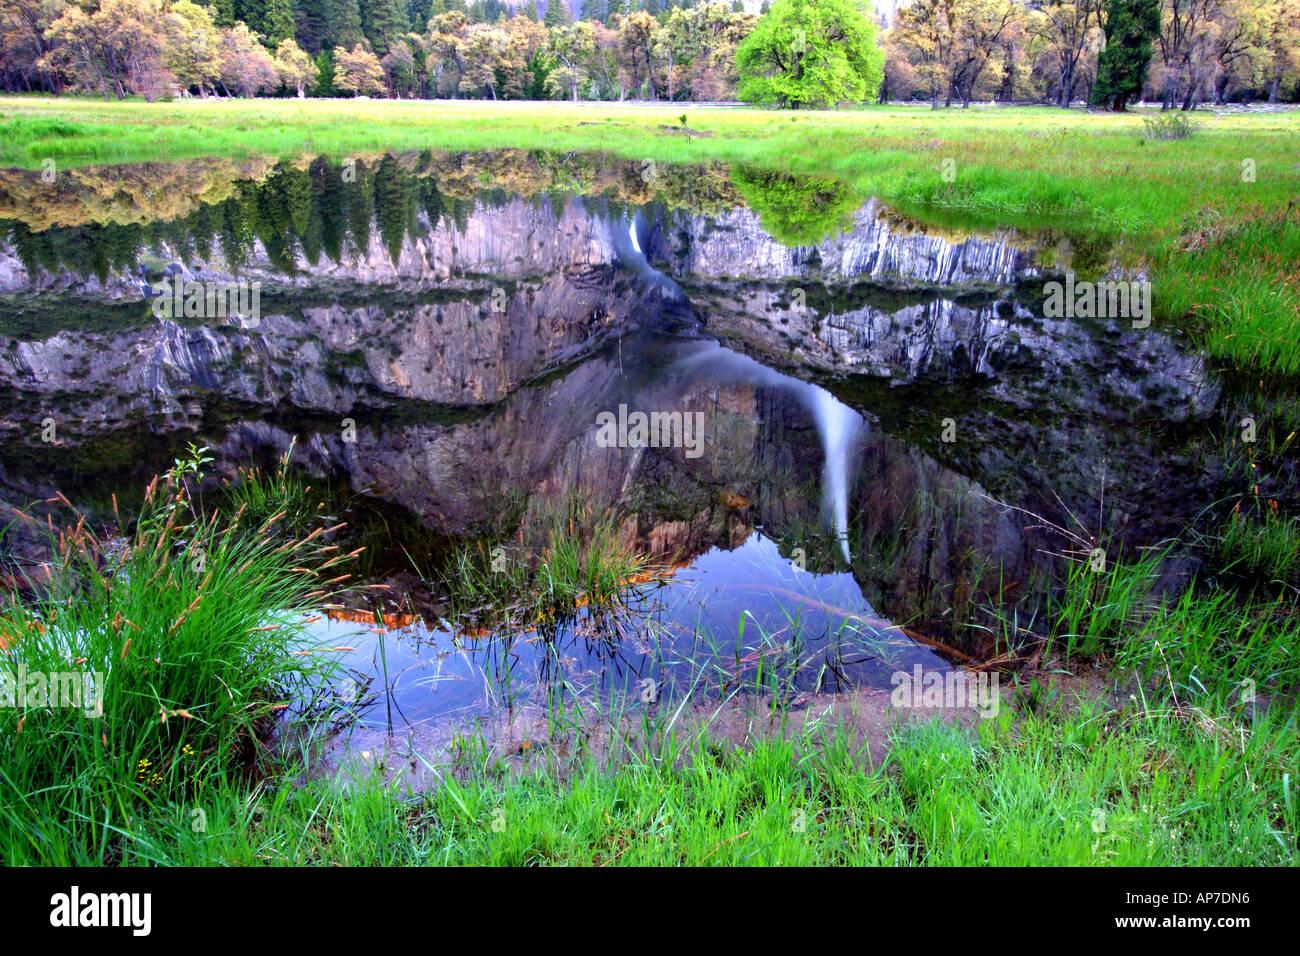 yosemite falls reflection, yosemite national park Stock Photo